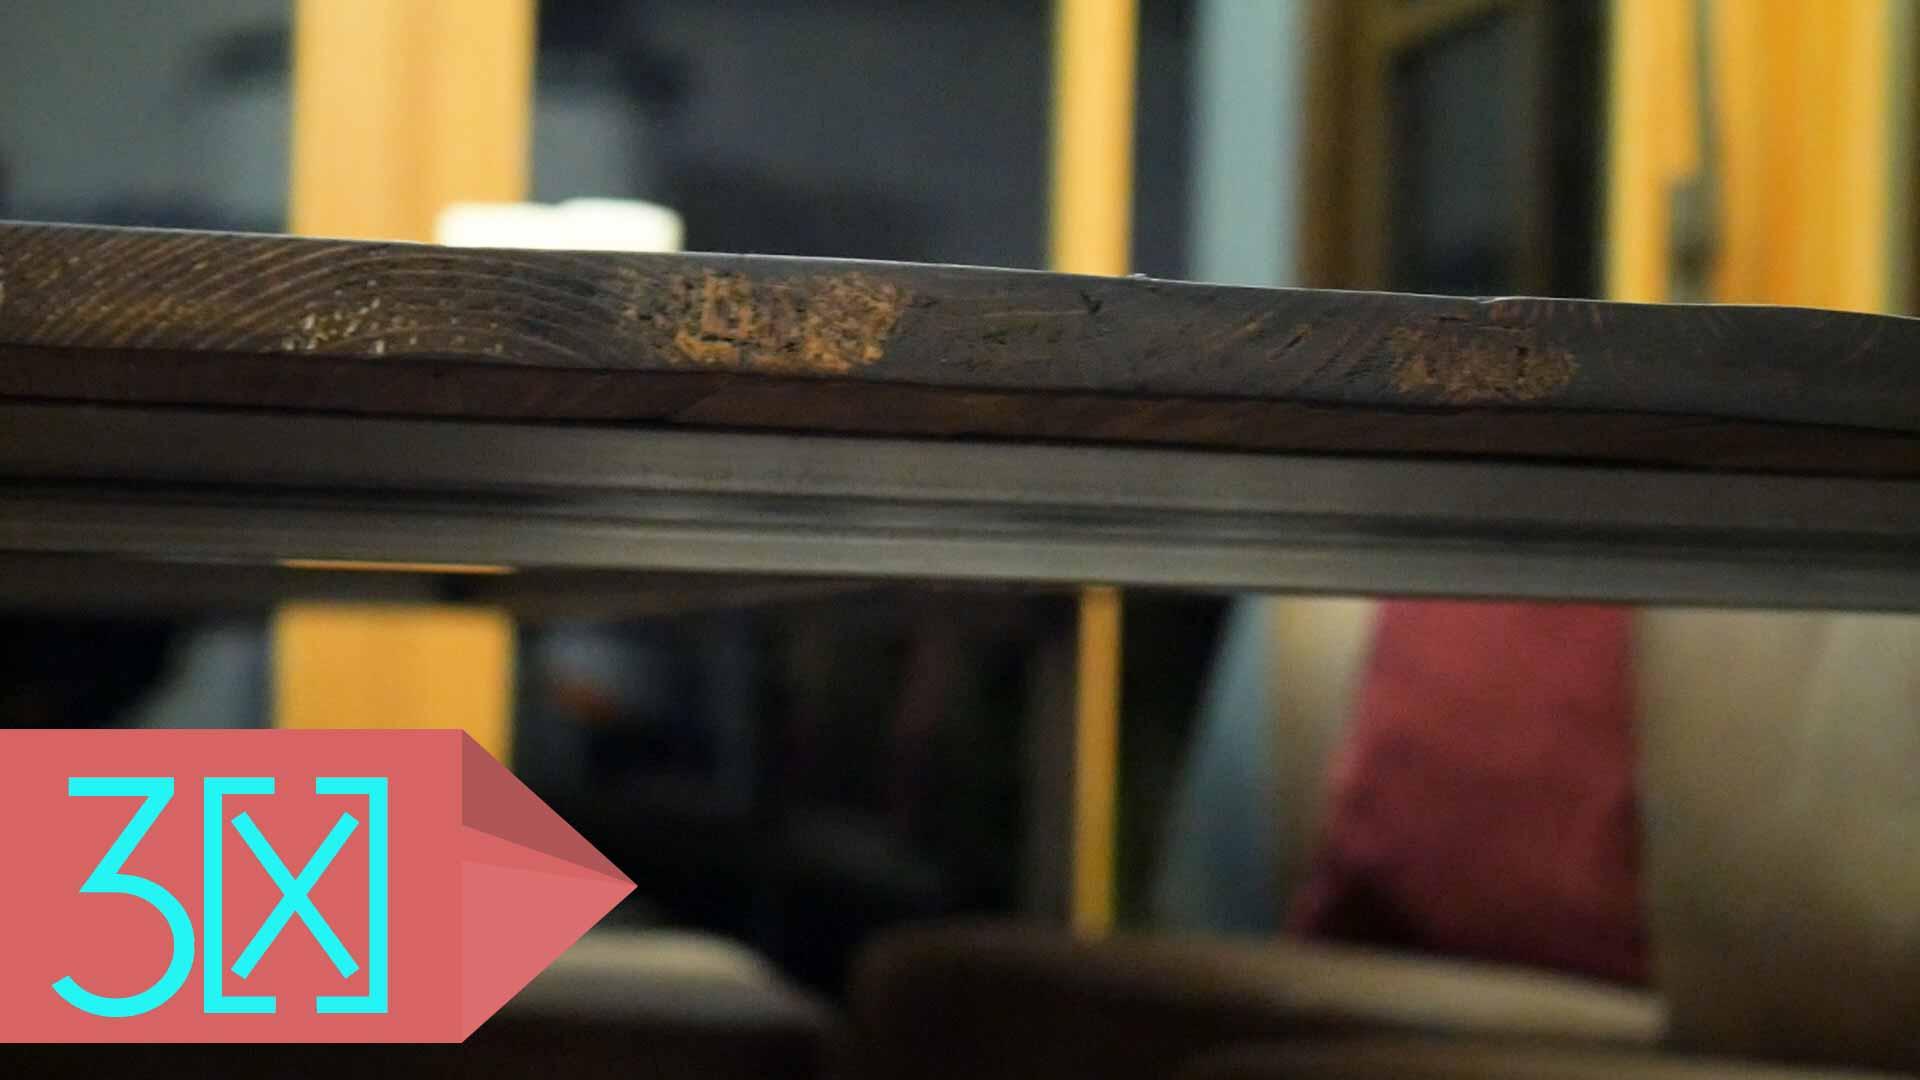 Untergestell und Tischplatte